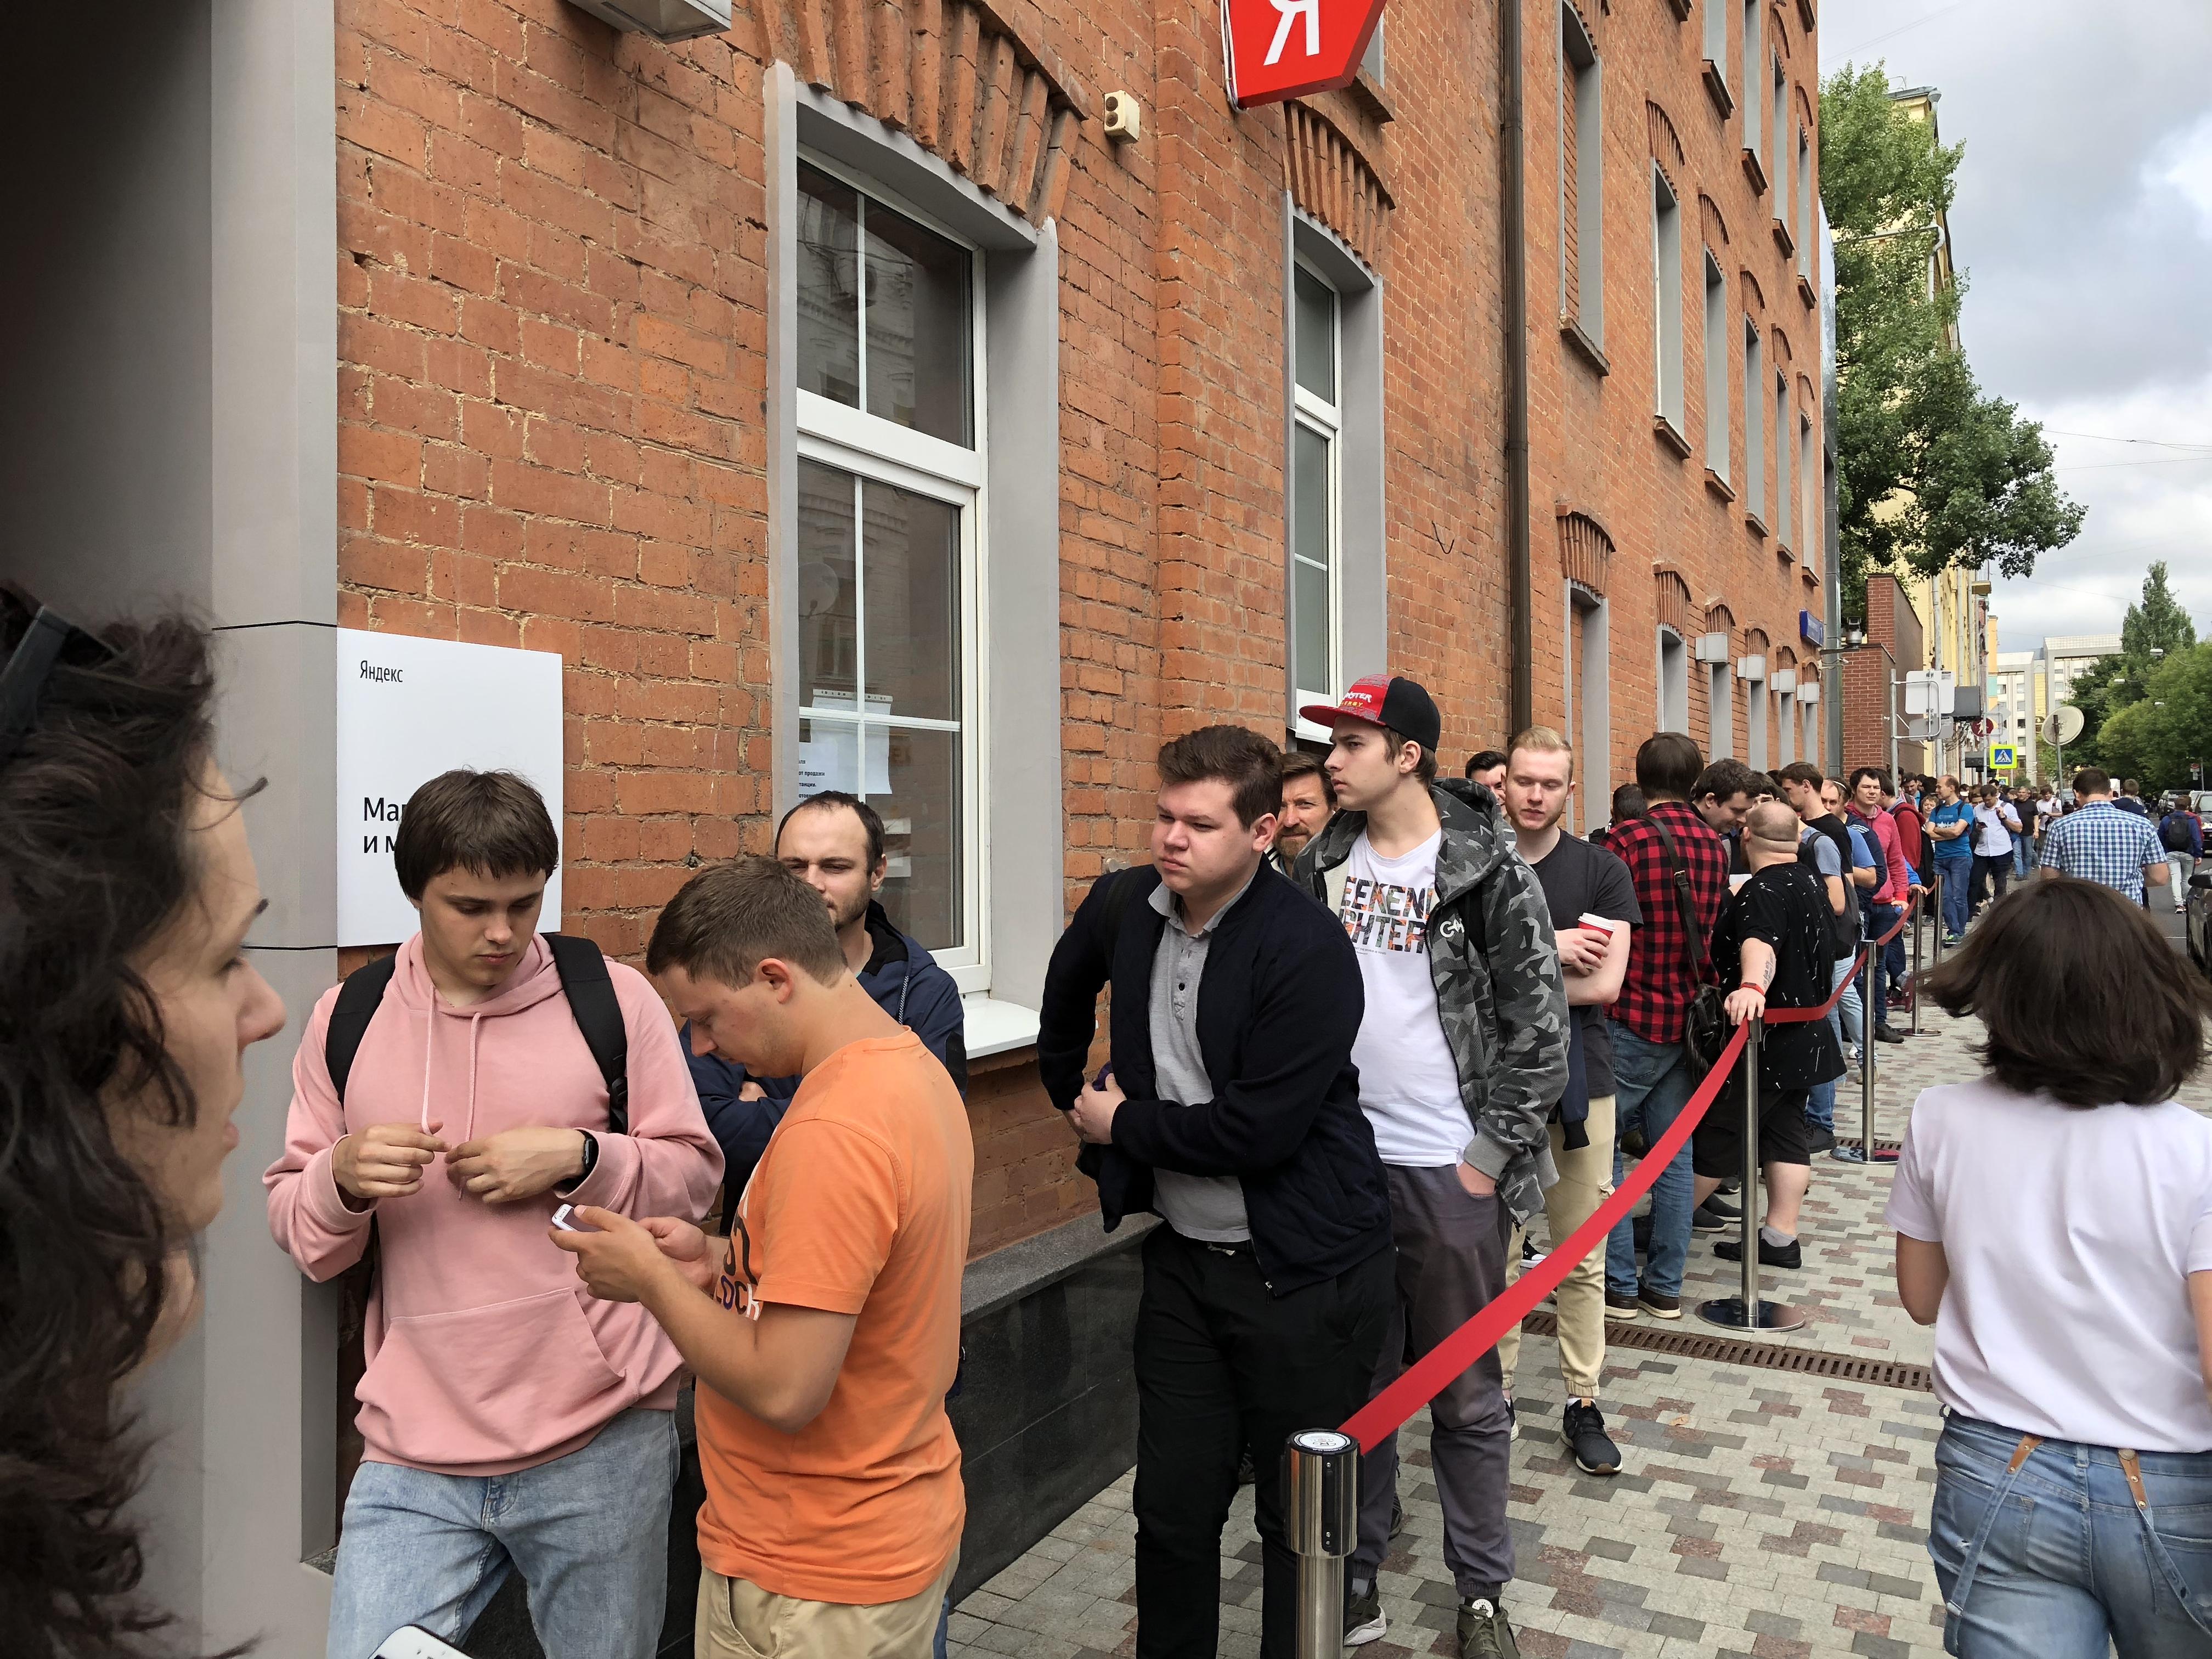 Яндекс.Станция: оффлайн-магазин, очередь на 300 человек и начало продаж